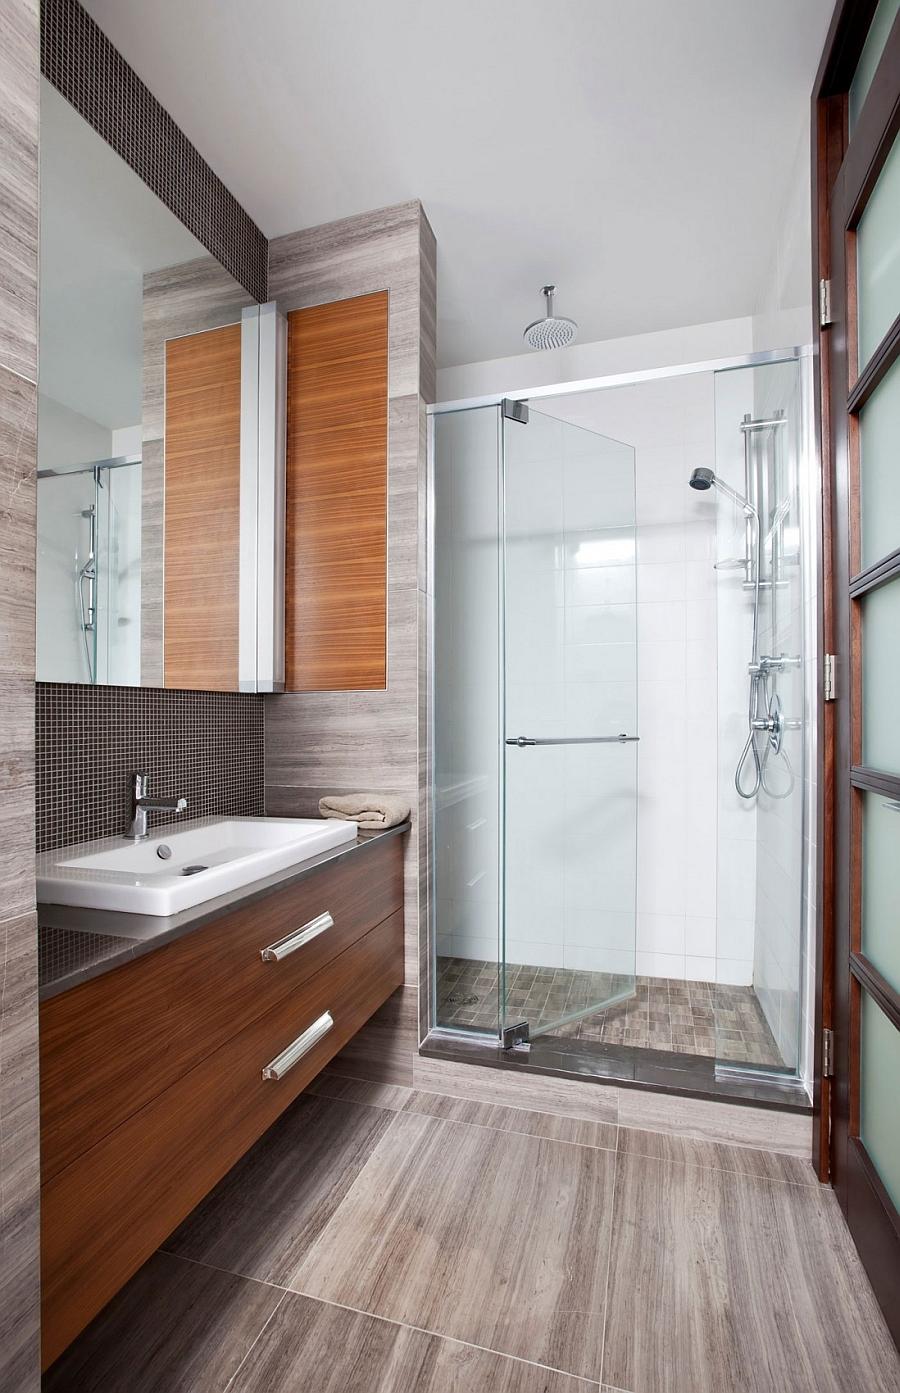 Contemporary bath with a glass shower enclosure